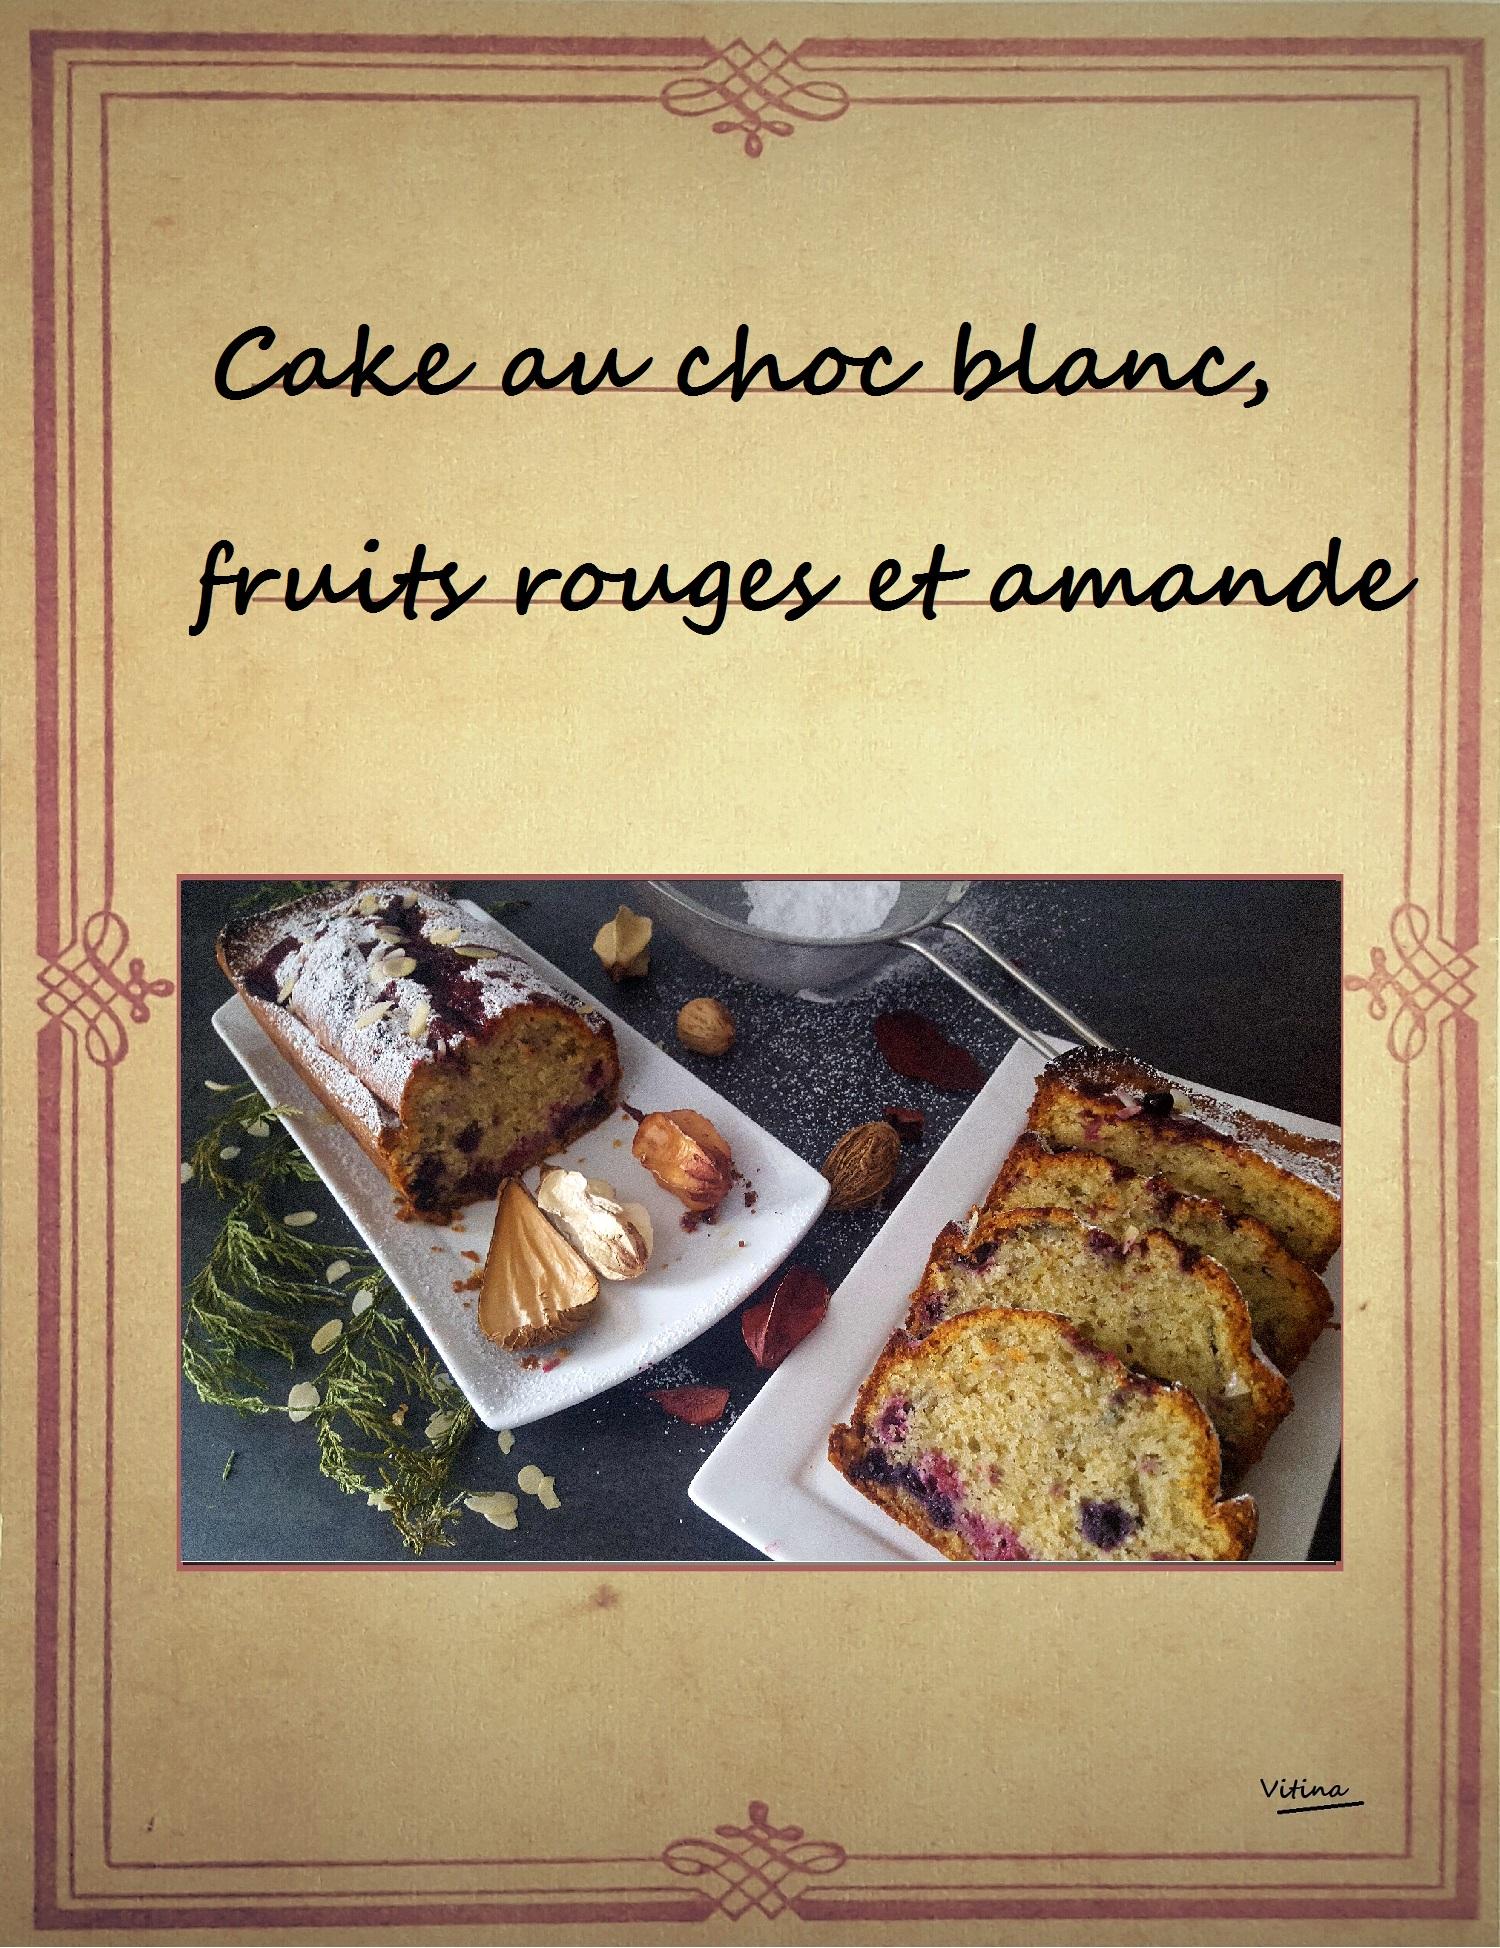 cake au chocolat blanc, fruits rouges et amande